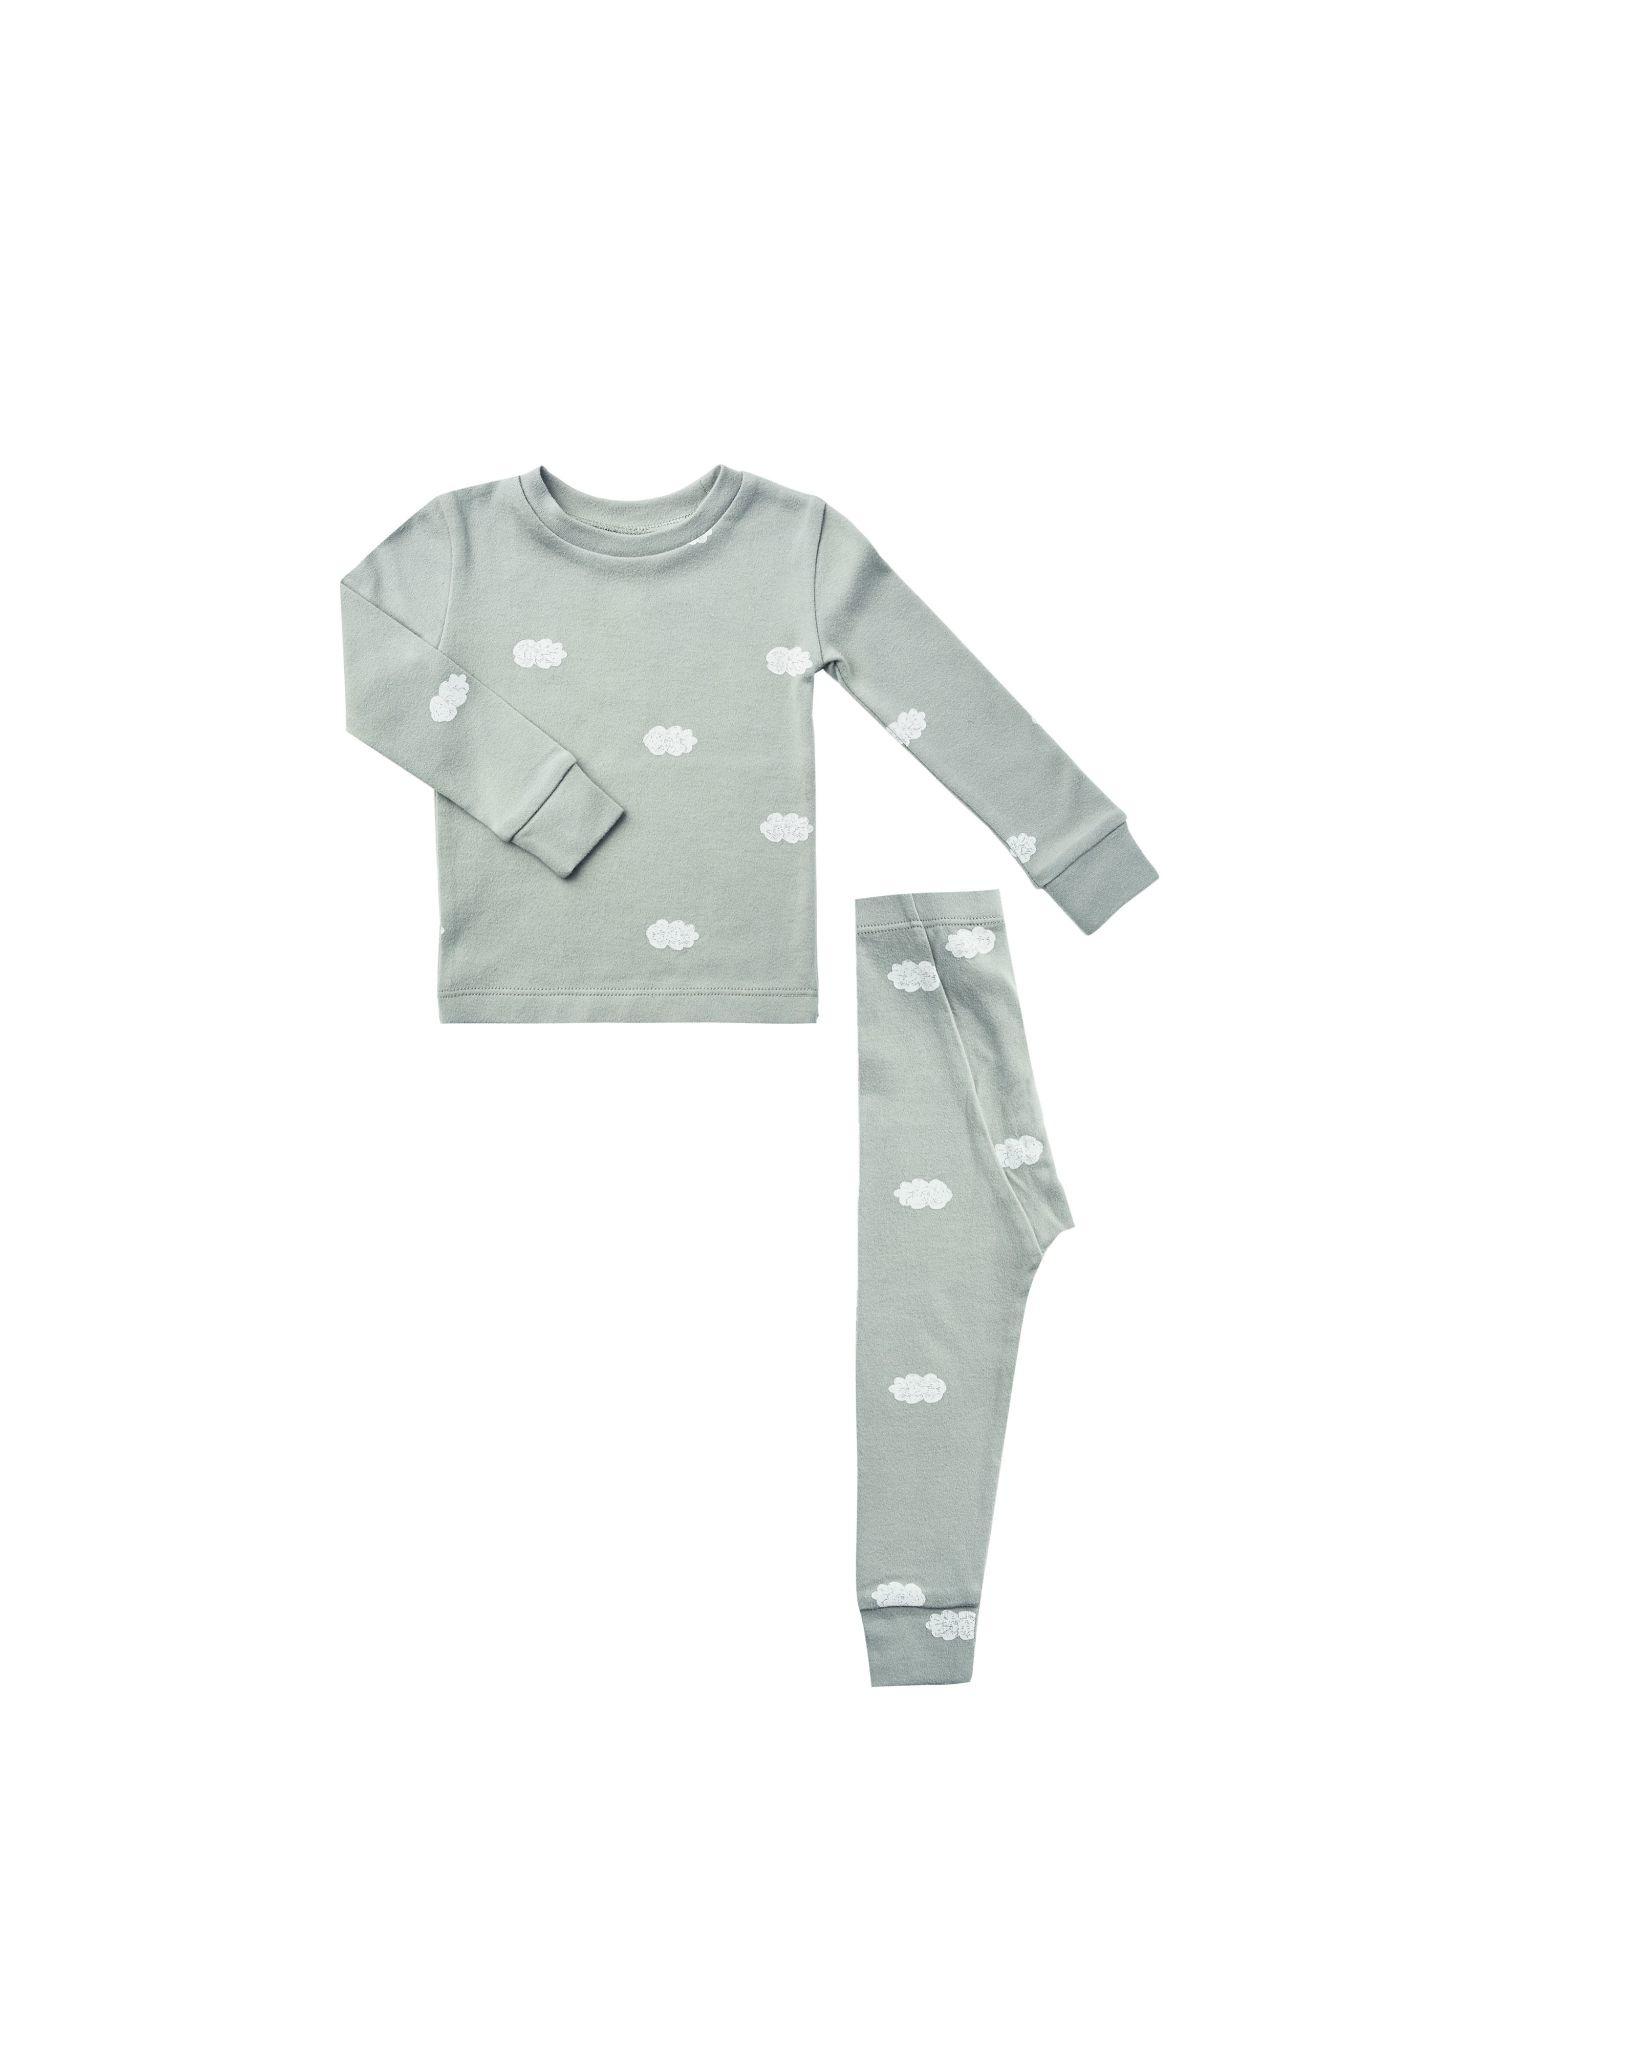 Rylee & Cru Pajama Set - Clouds